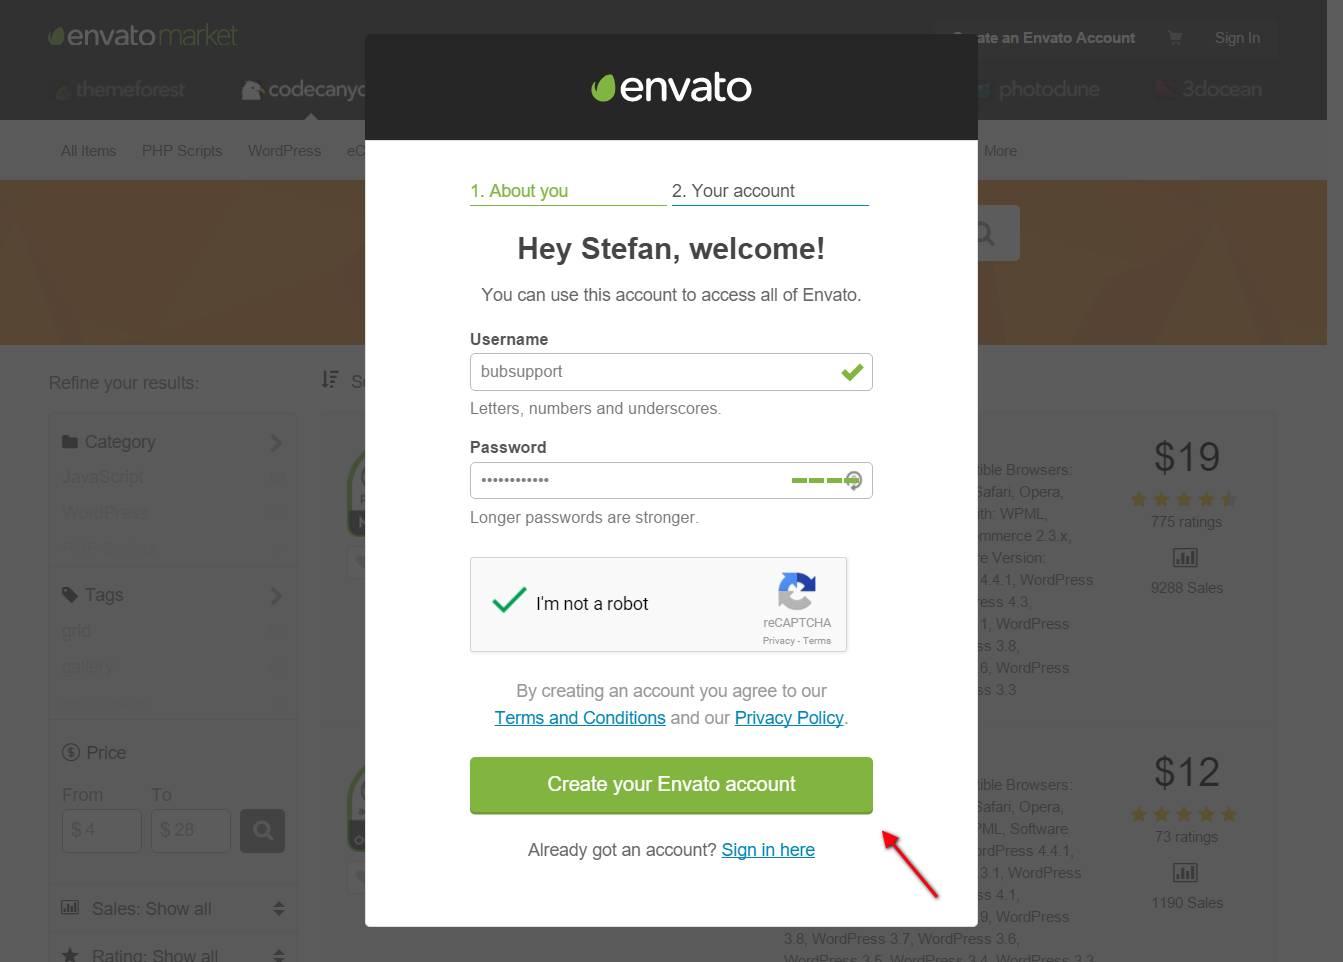 Envato: Benutzername und Passwort